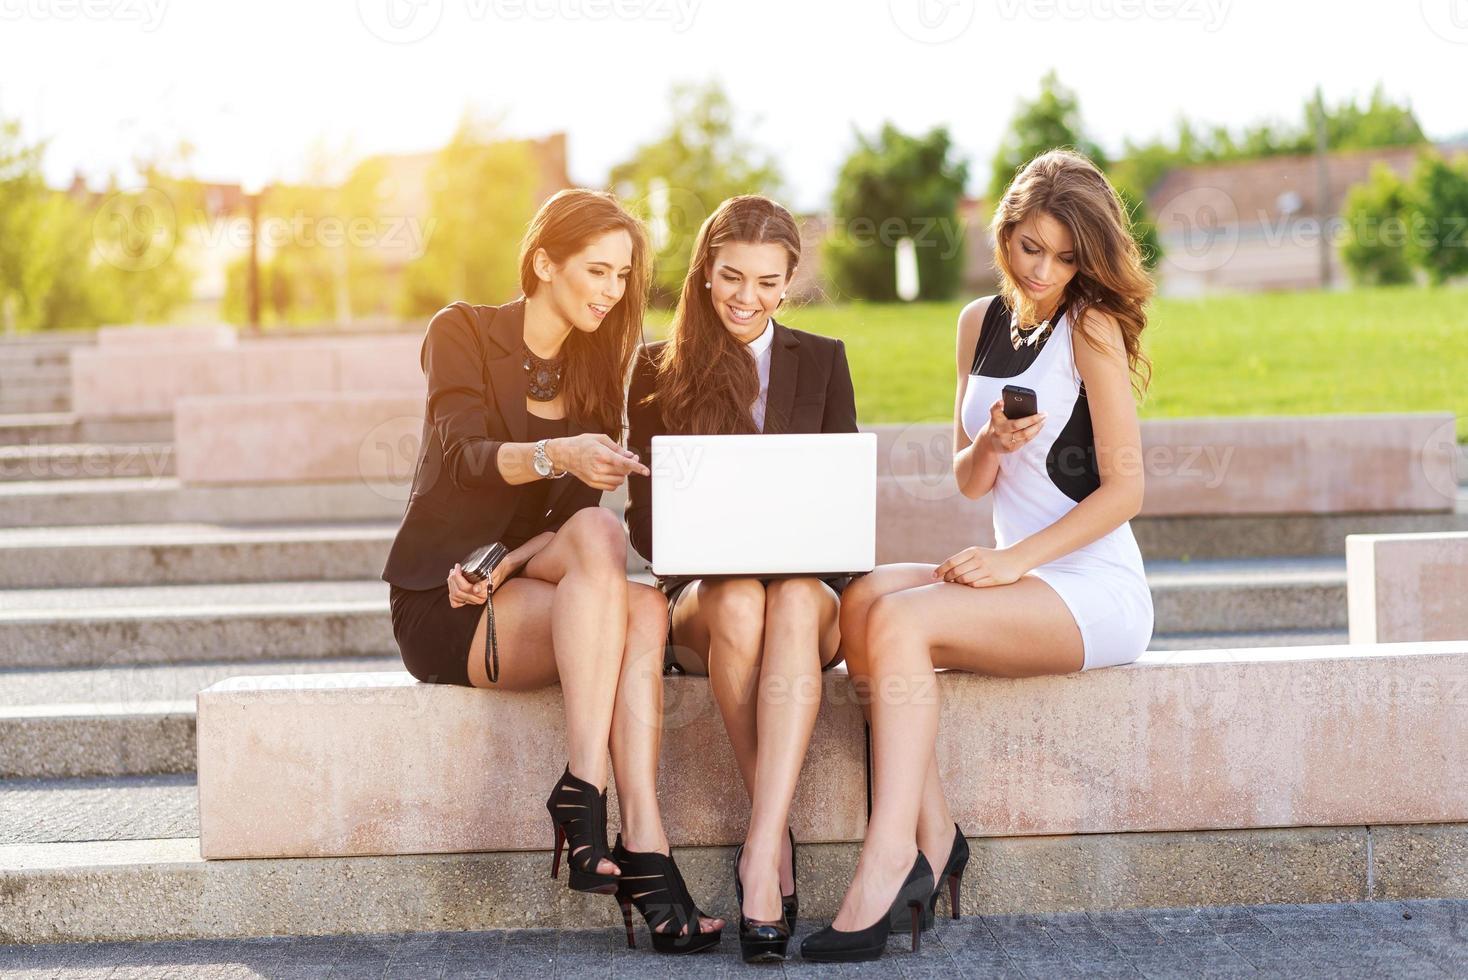 três empresárias de sucesso da cidade no banco discutido foto